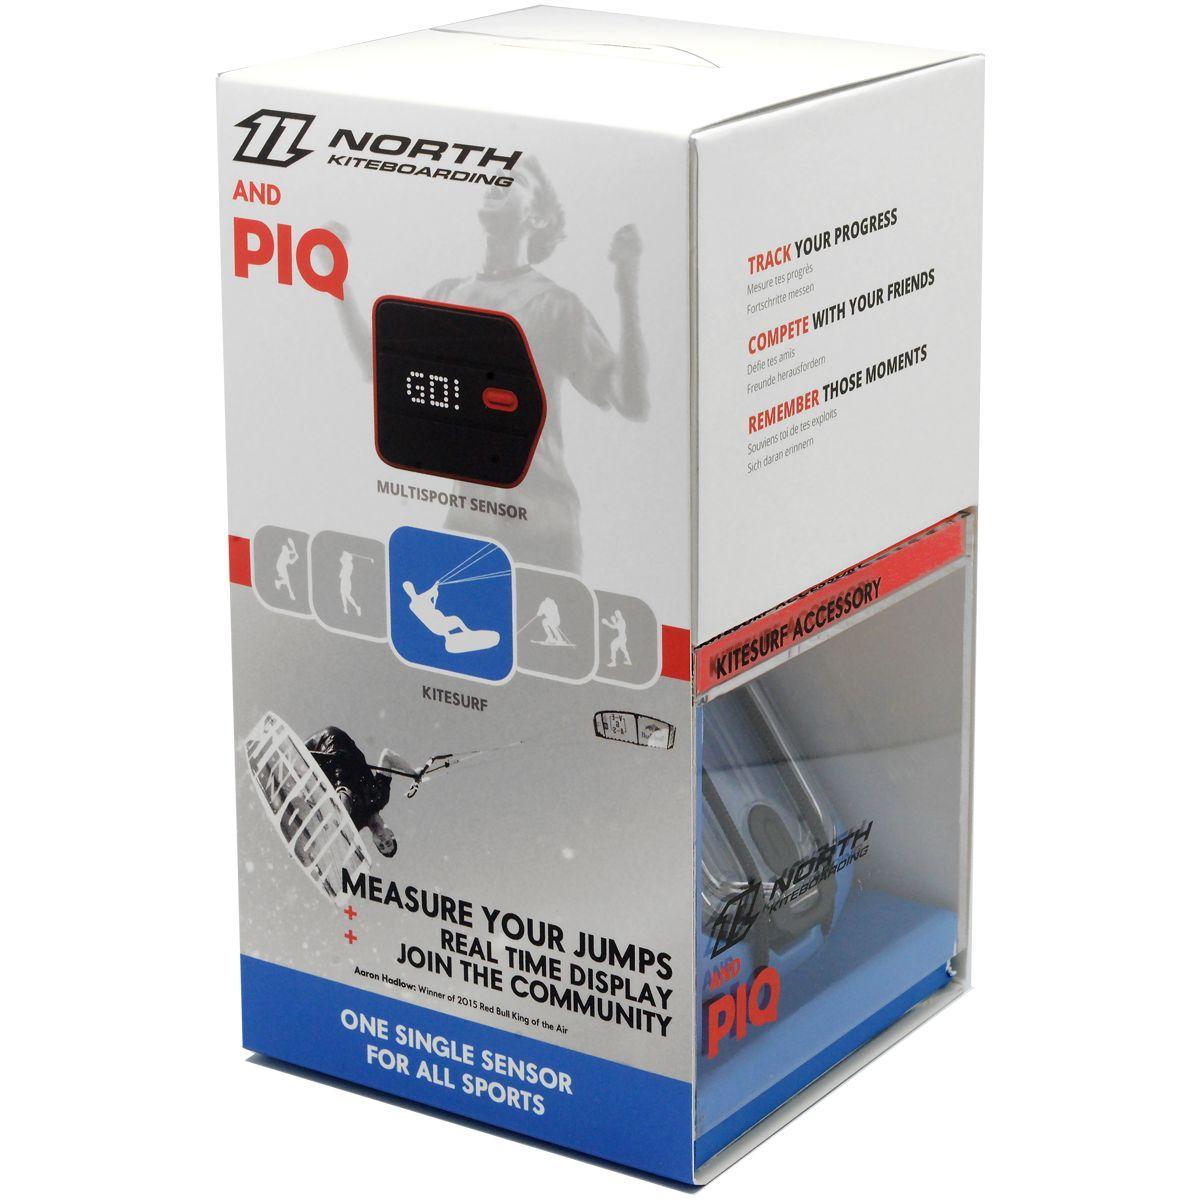 Capteur piq connect� pour kite surf - 10% de remise imm�diate avec le code : automne10 (photo)